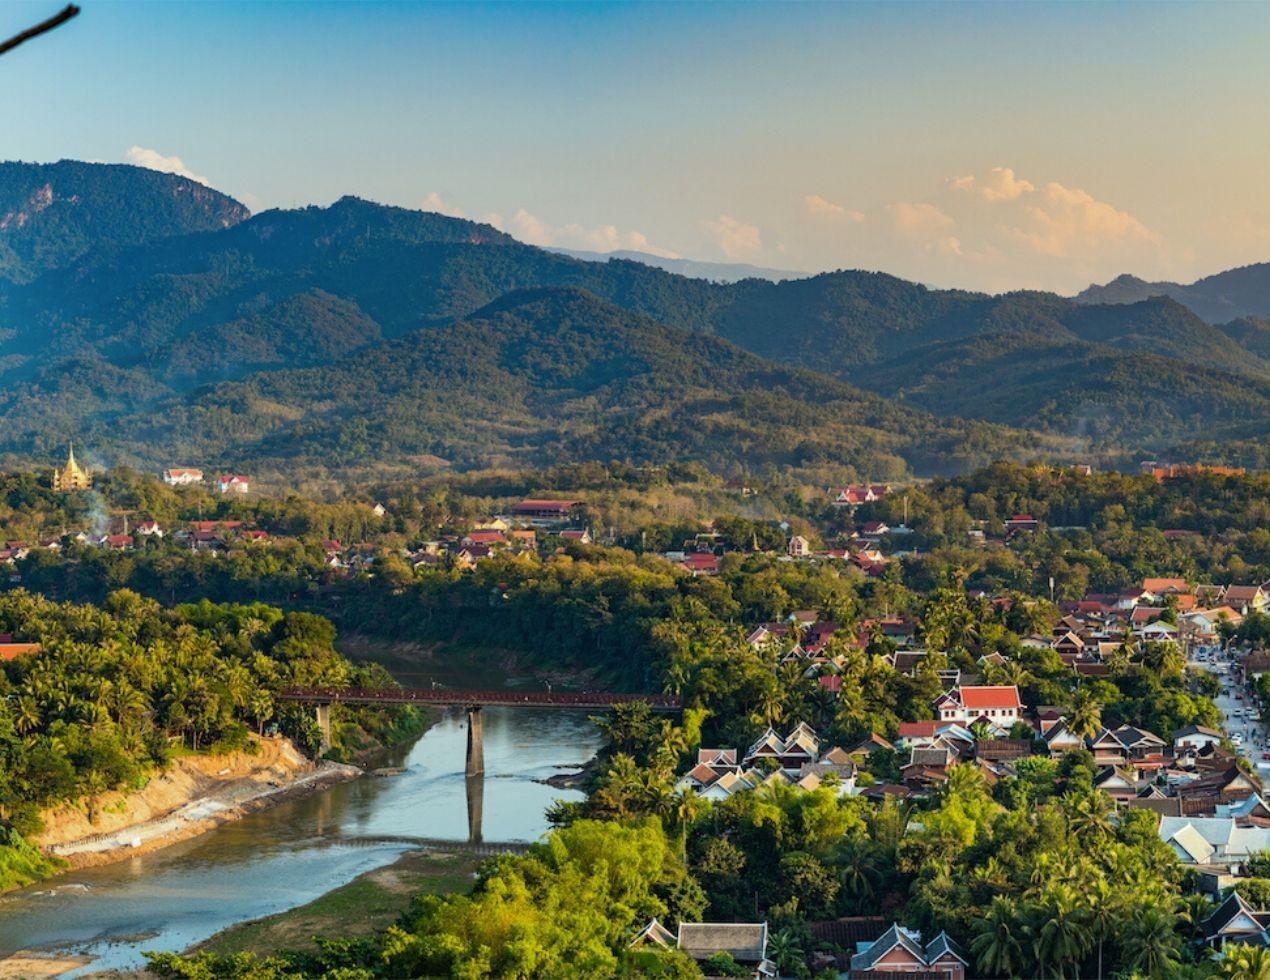 Luang Prabang, Laos. Photo: seduniamuslim